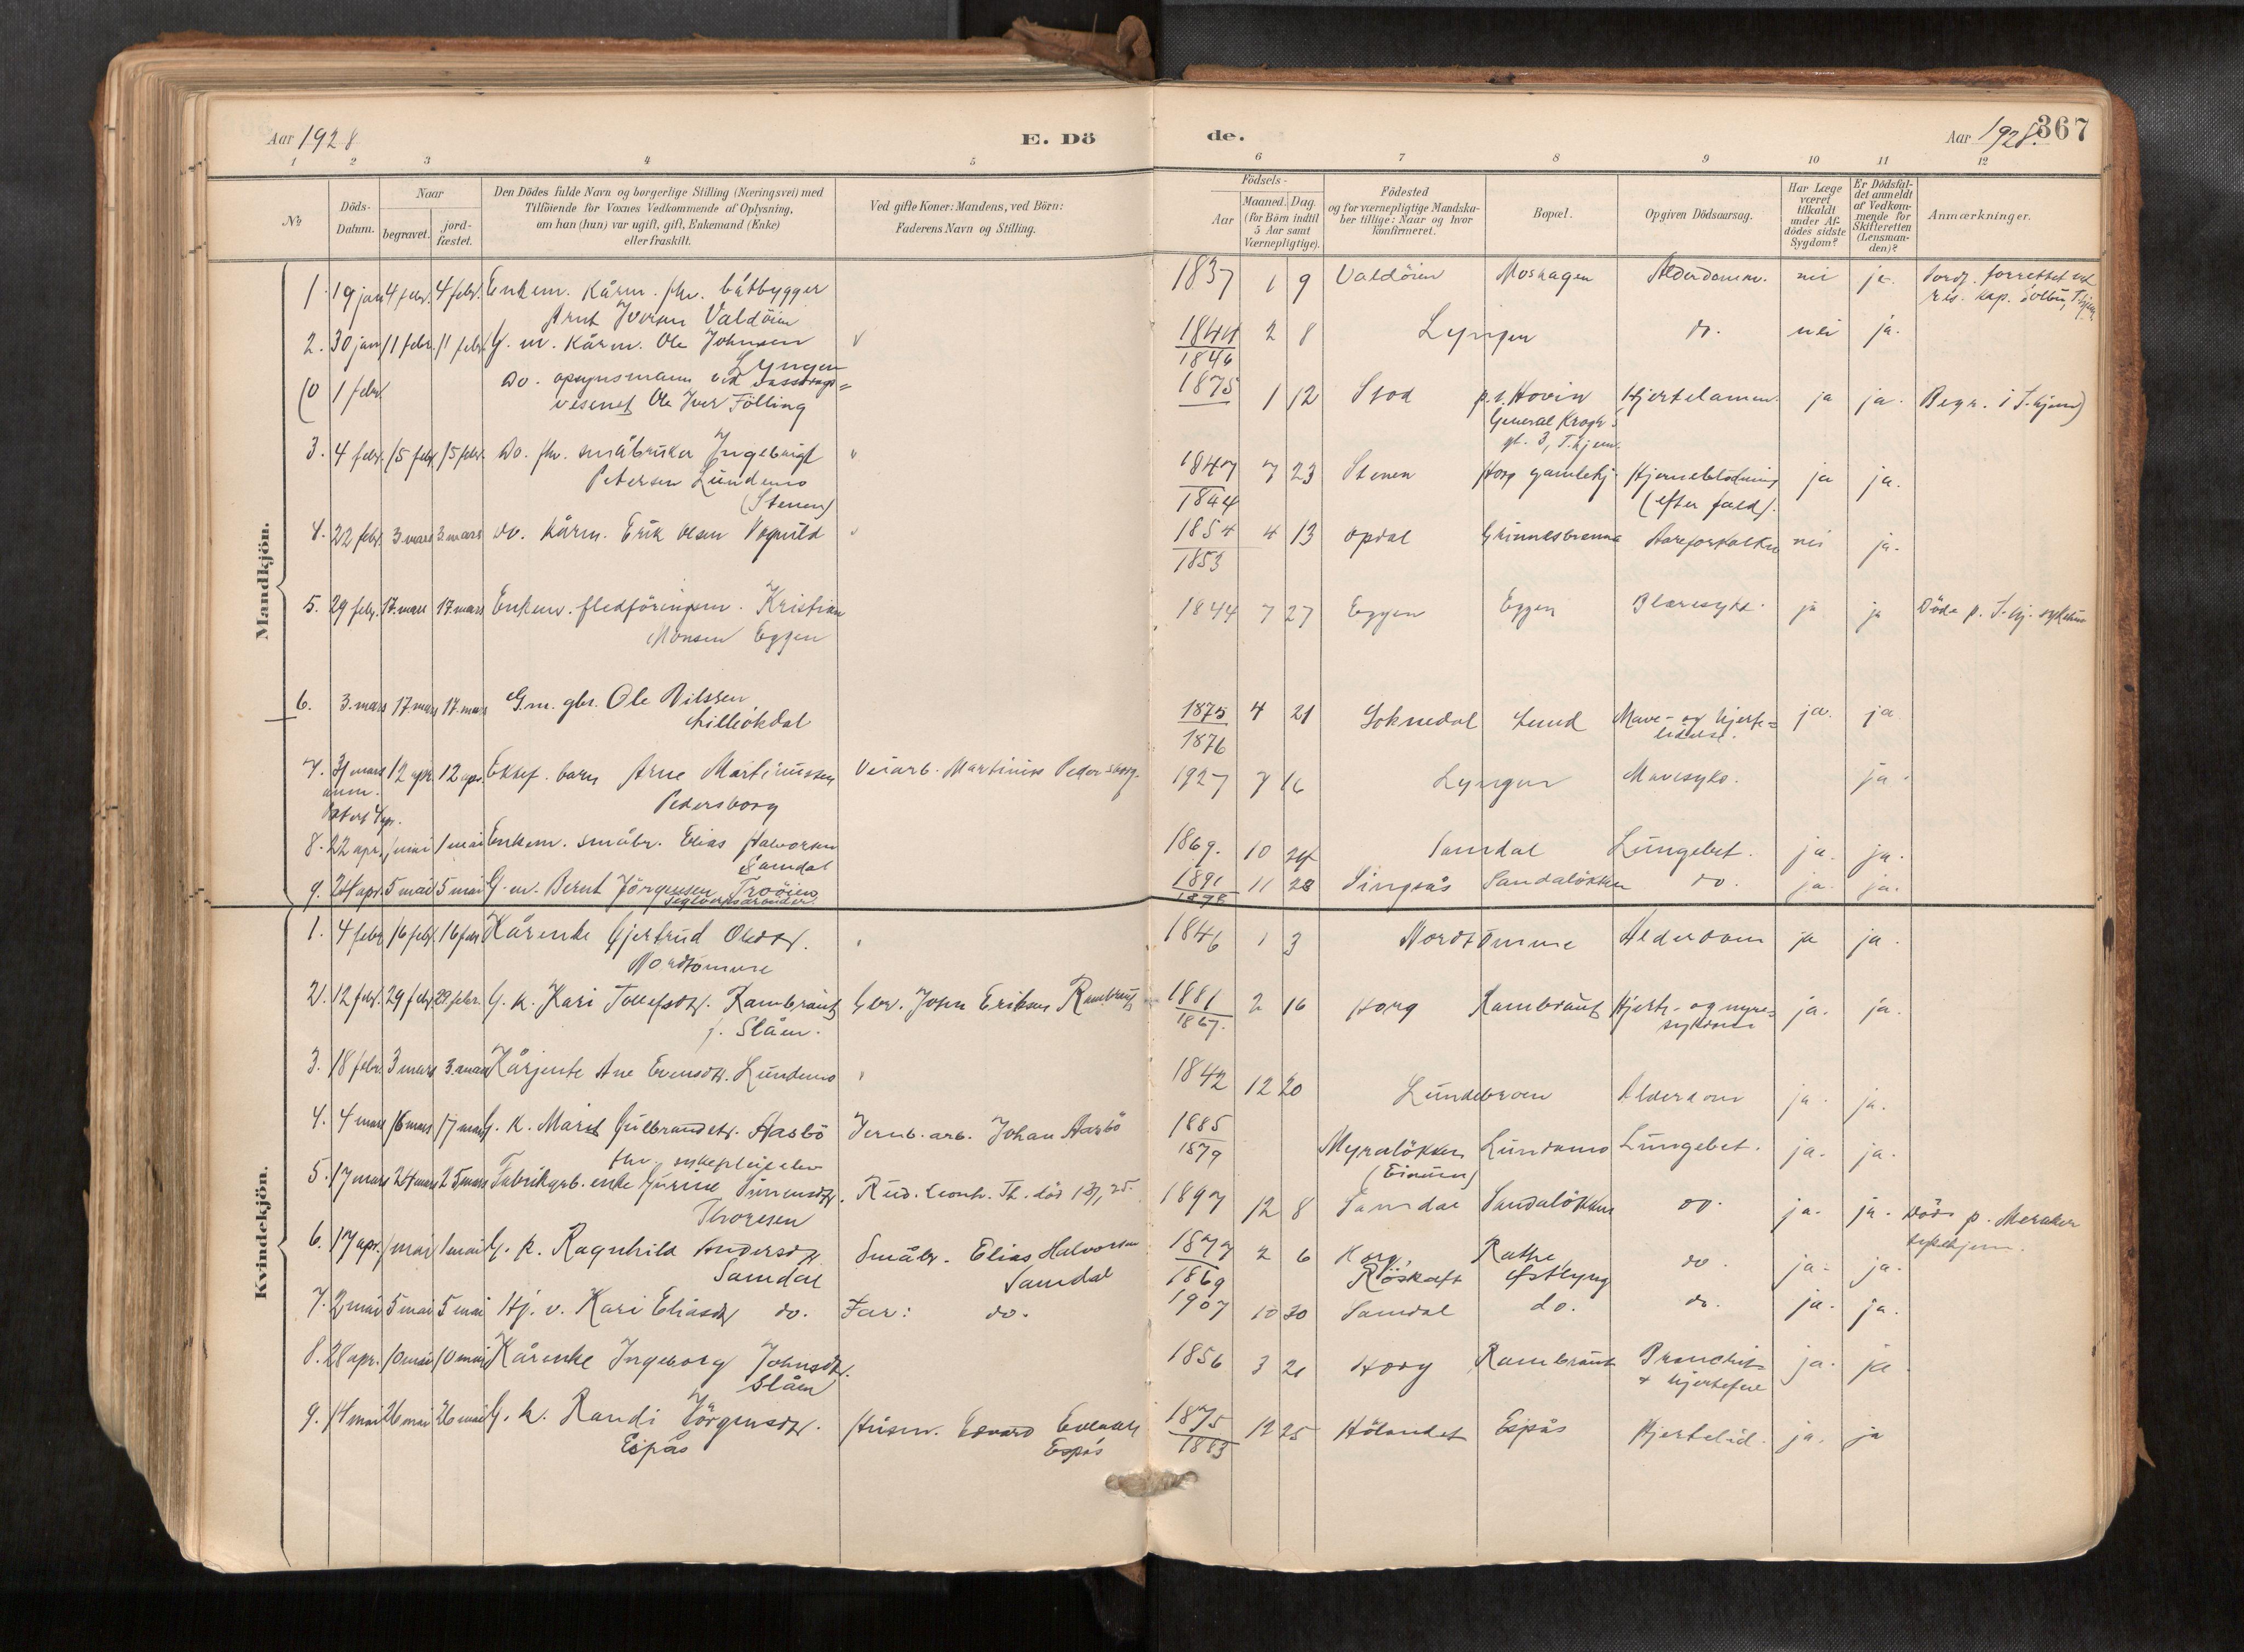 SAT, Ministerialprotokoller, klokkerbøker og fødselsregistre - Sør-Trøndelag, 692/L1105b: Ministerialbok nr. 692A06, 1891-1934, s. 367